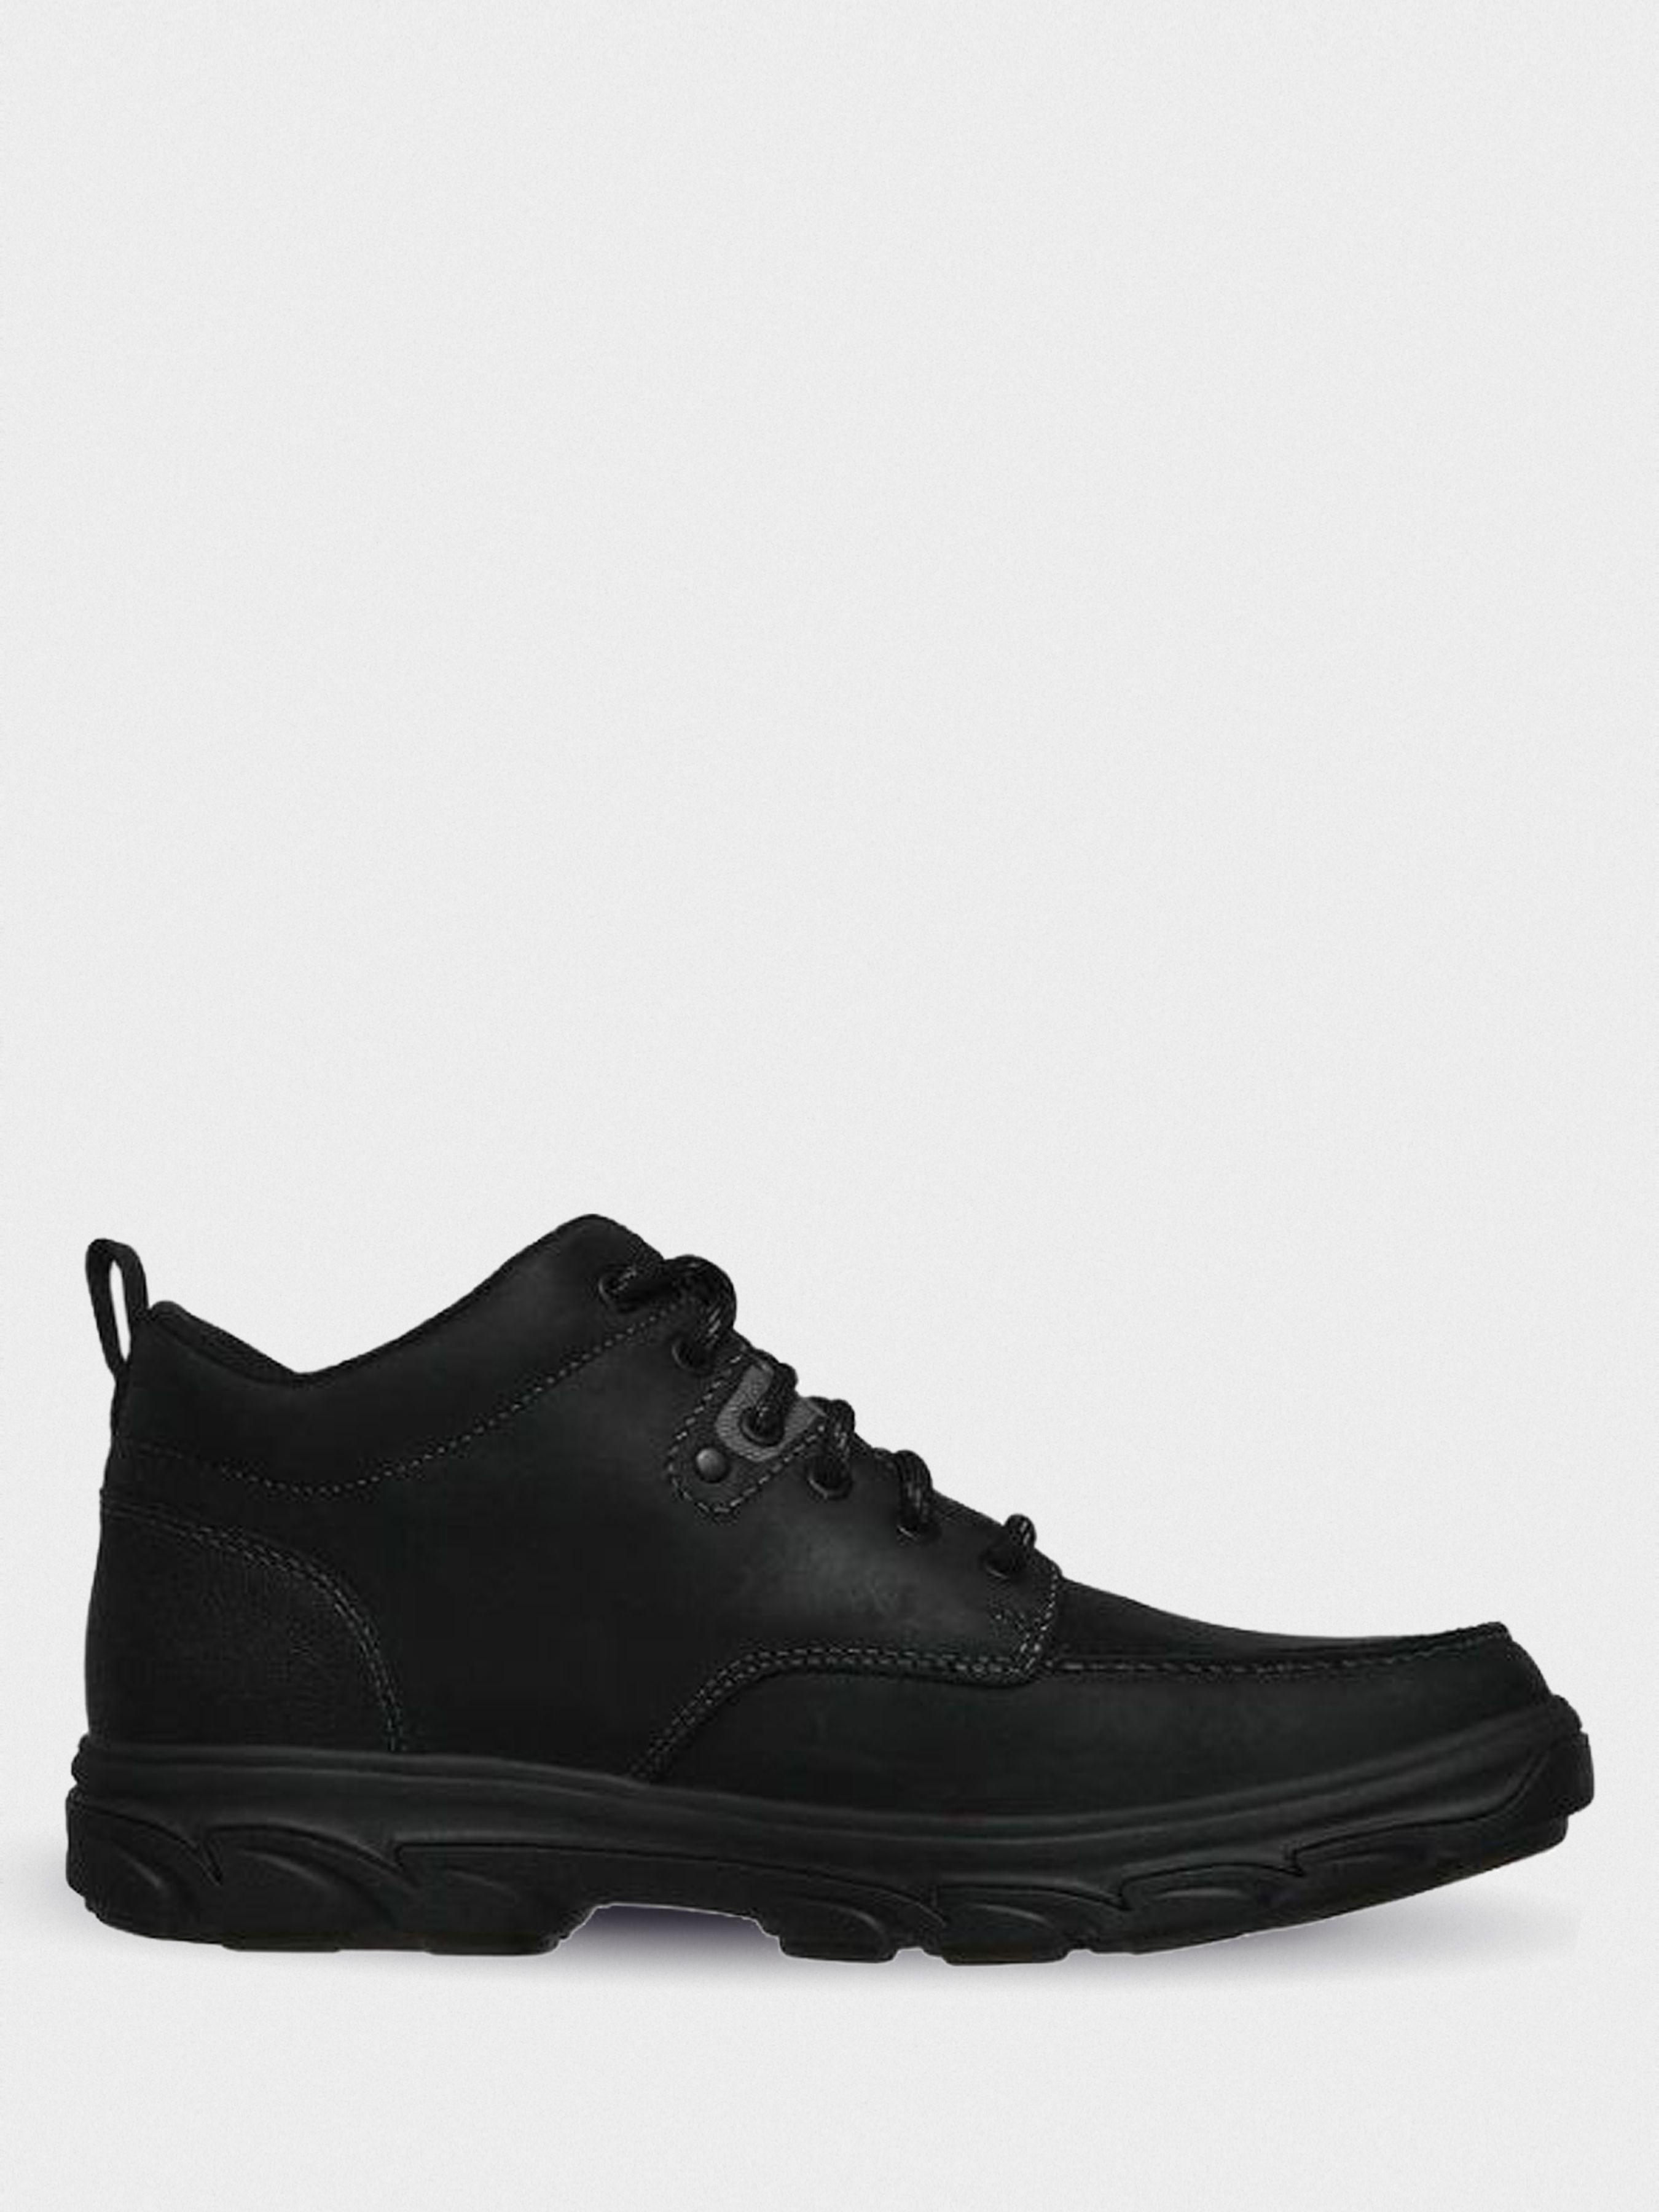 Купить Ботинки мужские Skechers KM3001, Черный